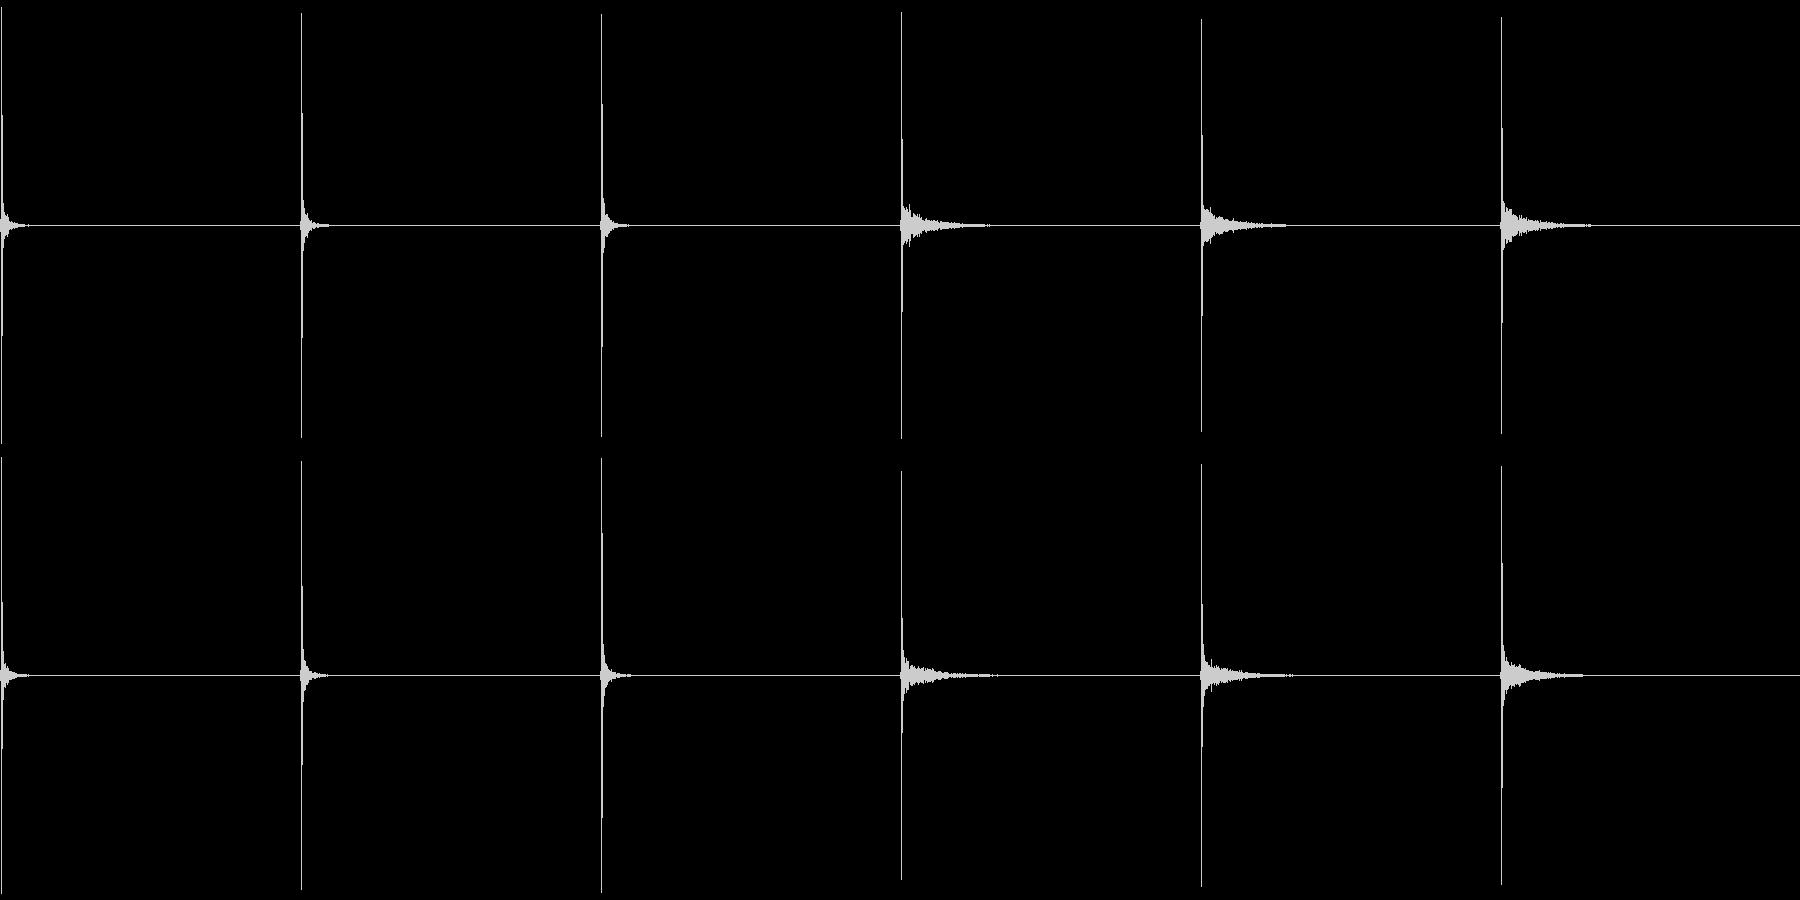 フィンガースナップ(女性、残響有り無し)の未再生の波形